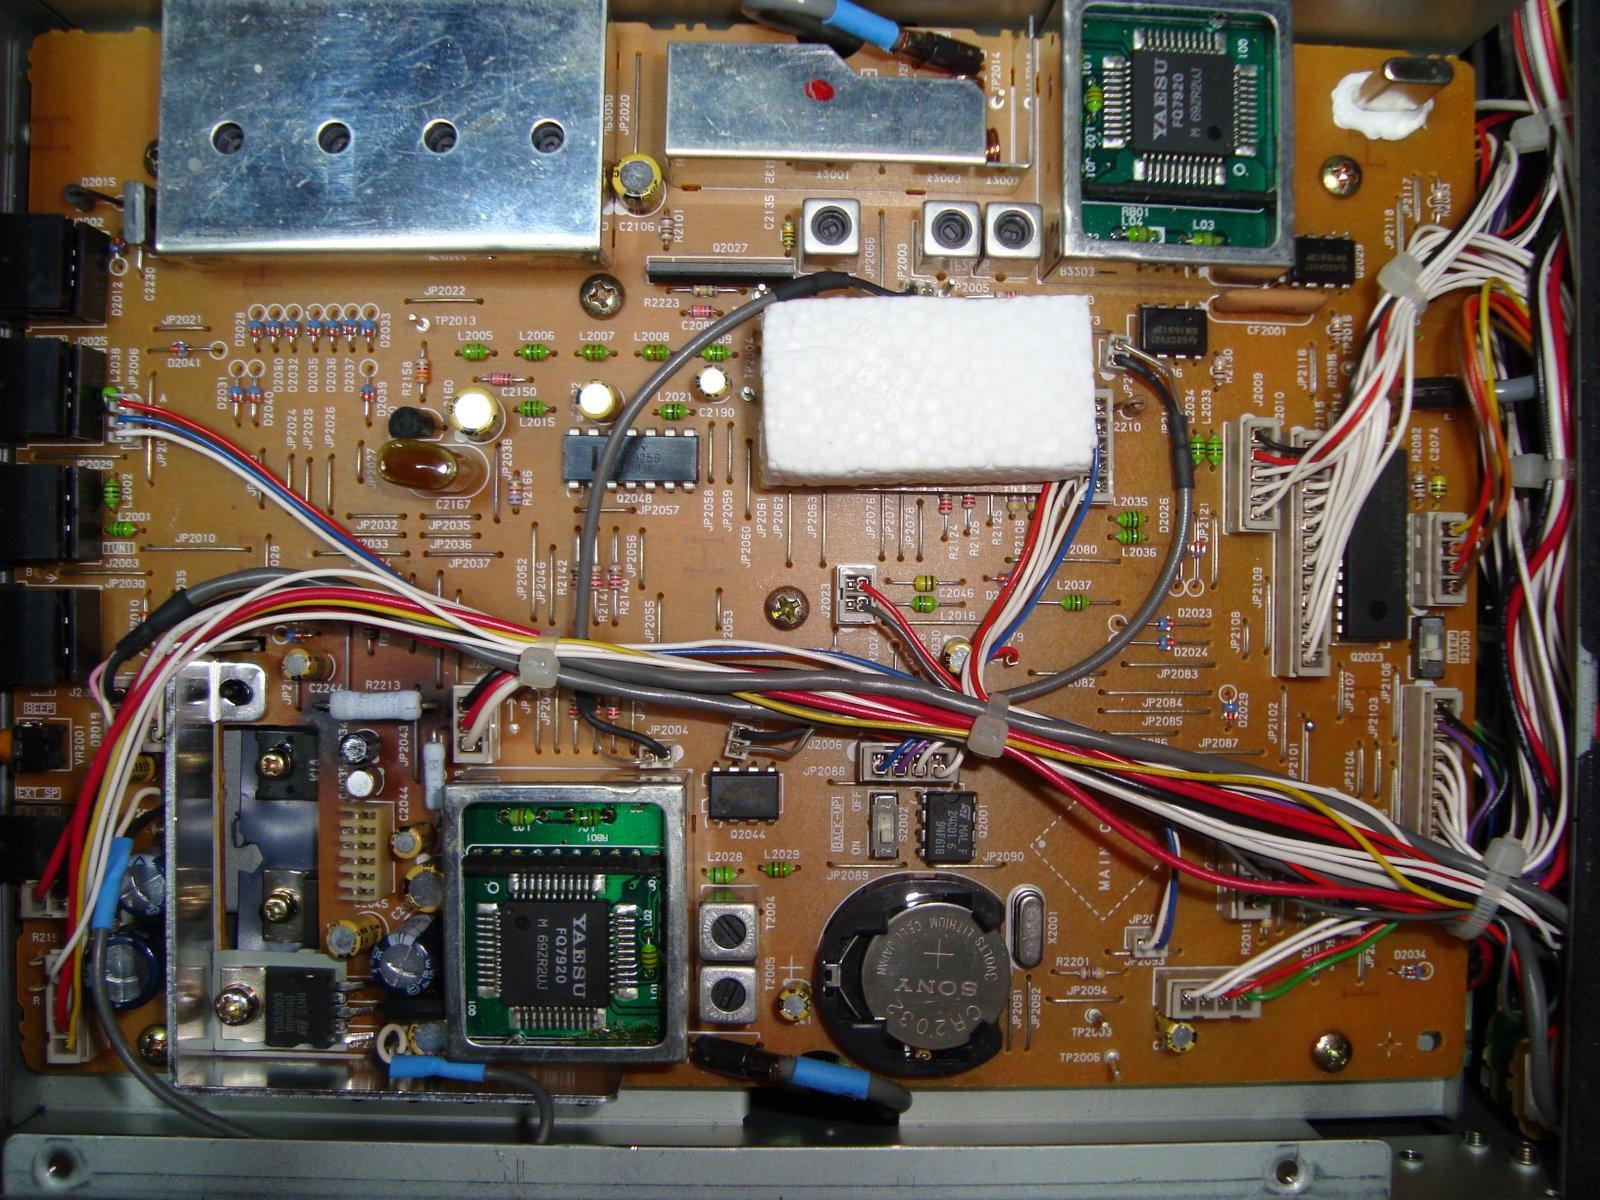 FT840 Yaesu : Panne totale - L'émetteur-récepteur ne s'allume pas (uniquement rétroéclairage du S-mètre) Carte-local-unit